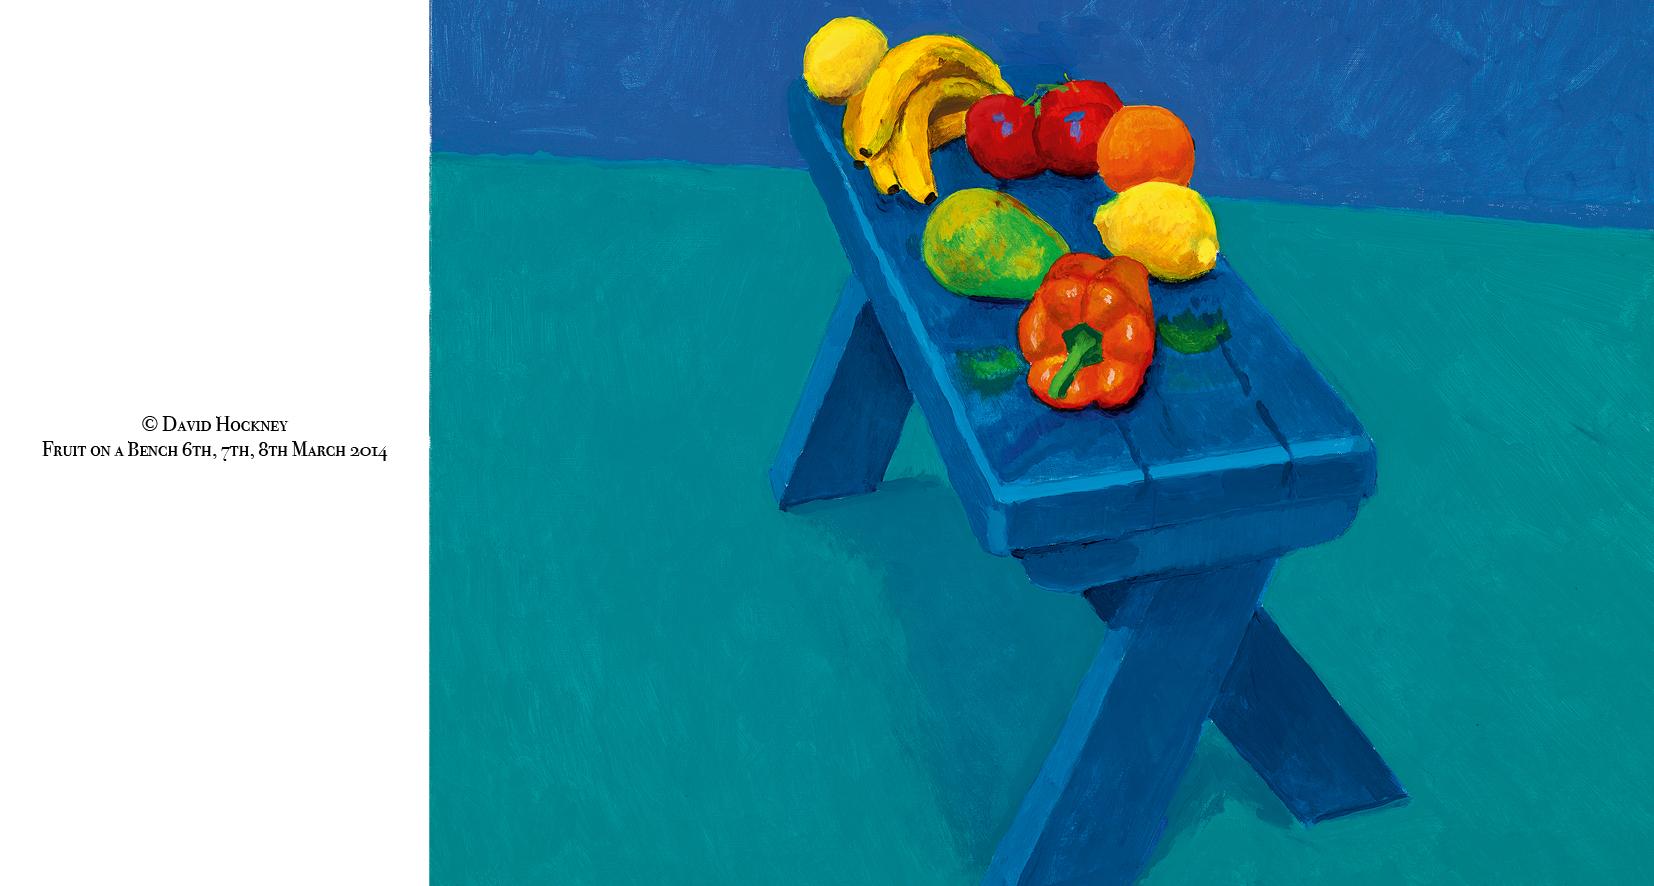 David-Hockney-07.jpg